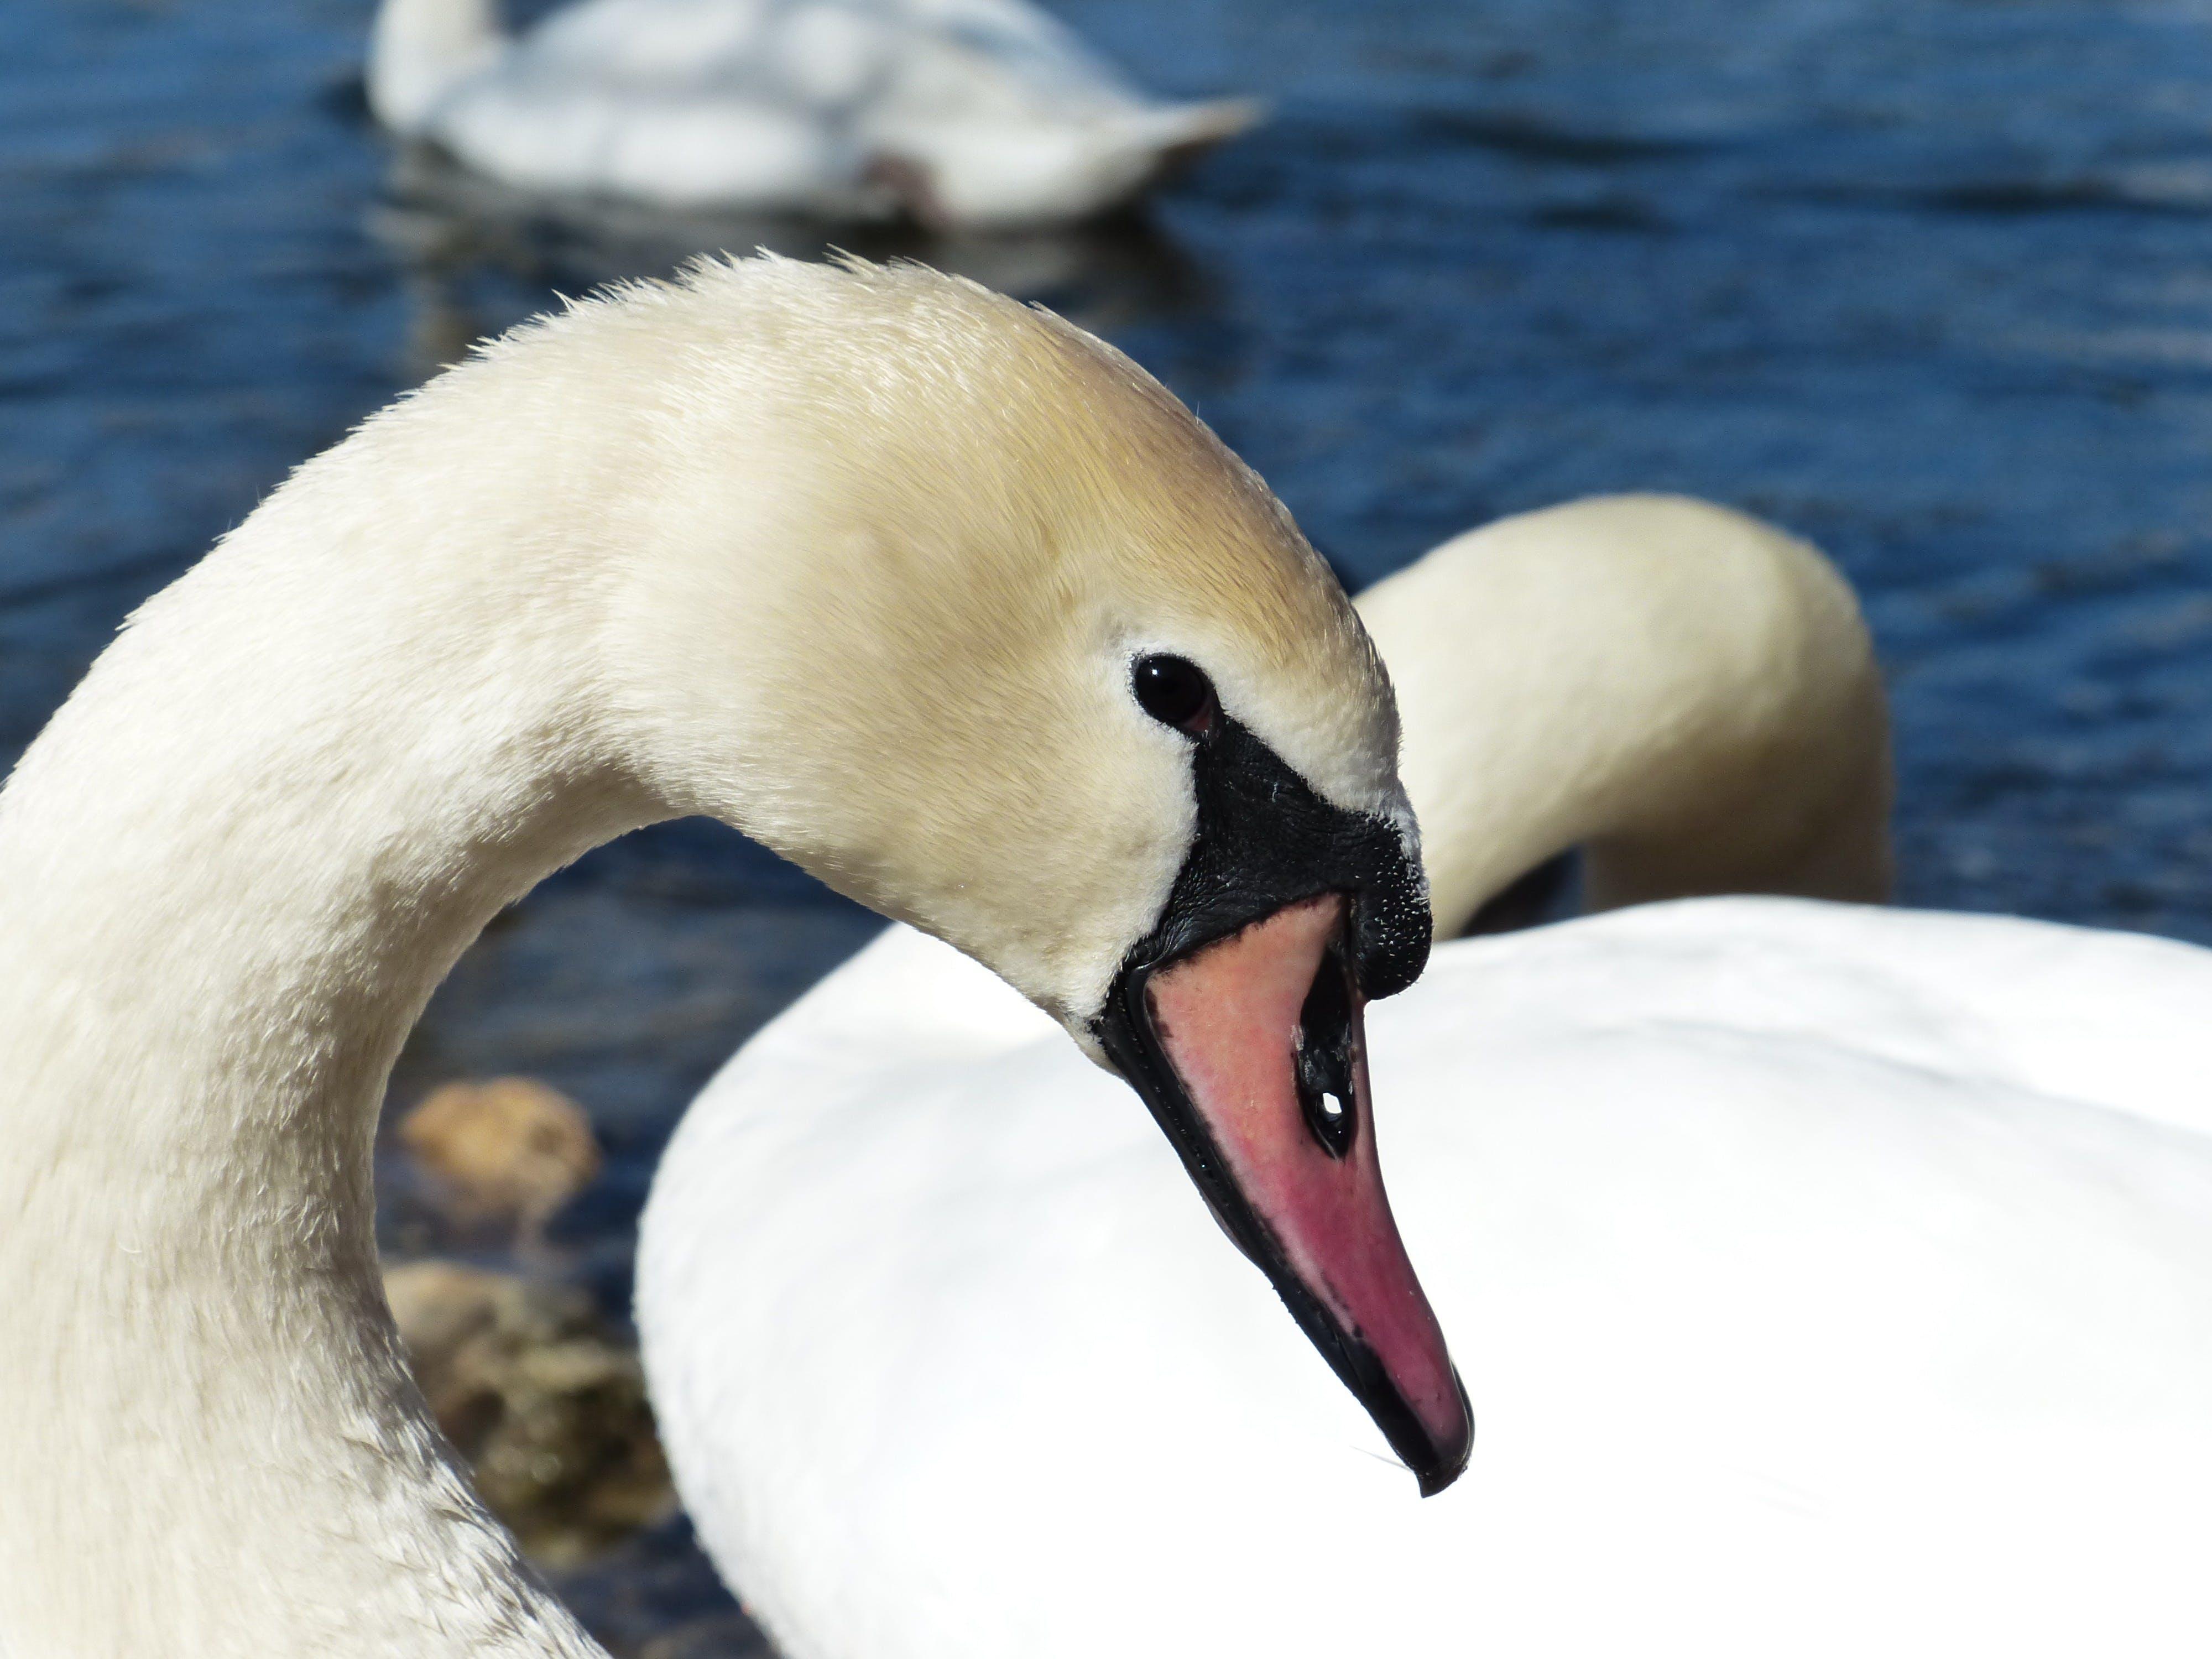 Gratis lagerfoto af close-up, dyr, dyrefotografering, hvid